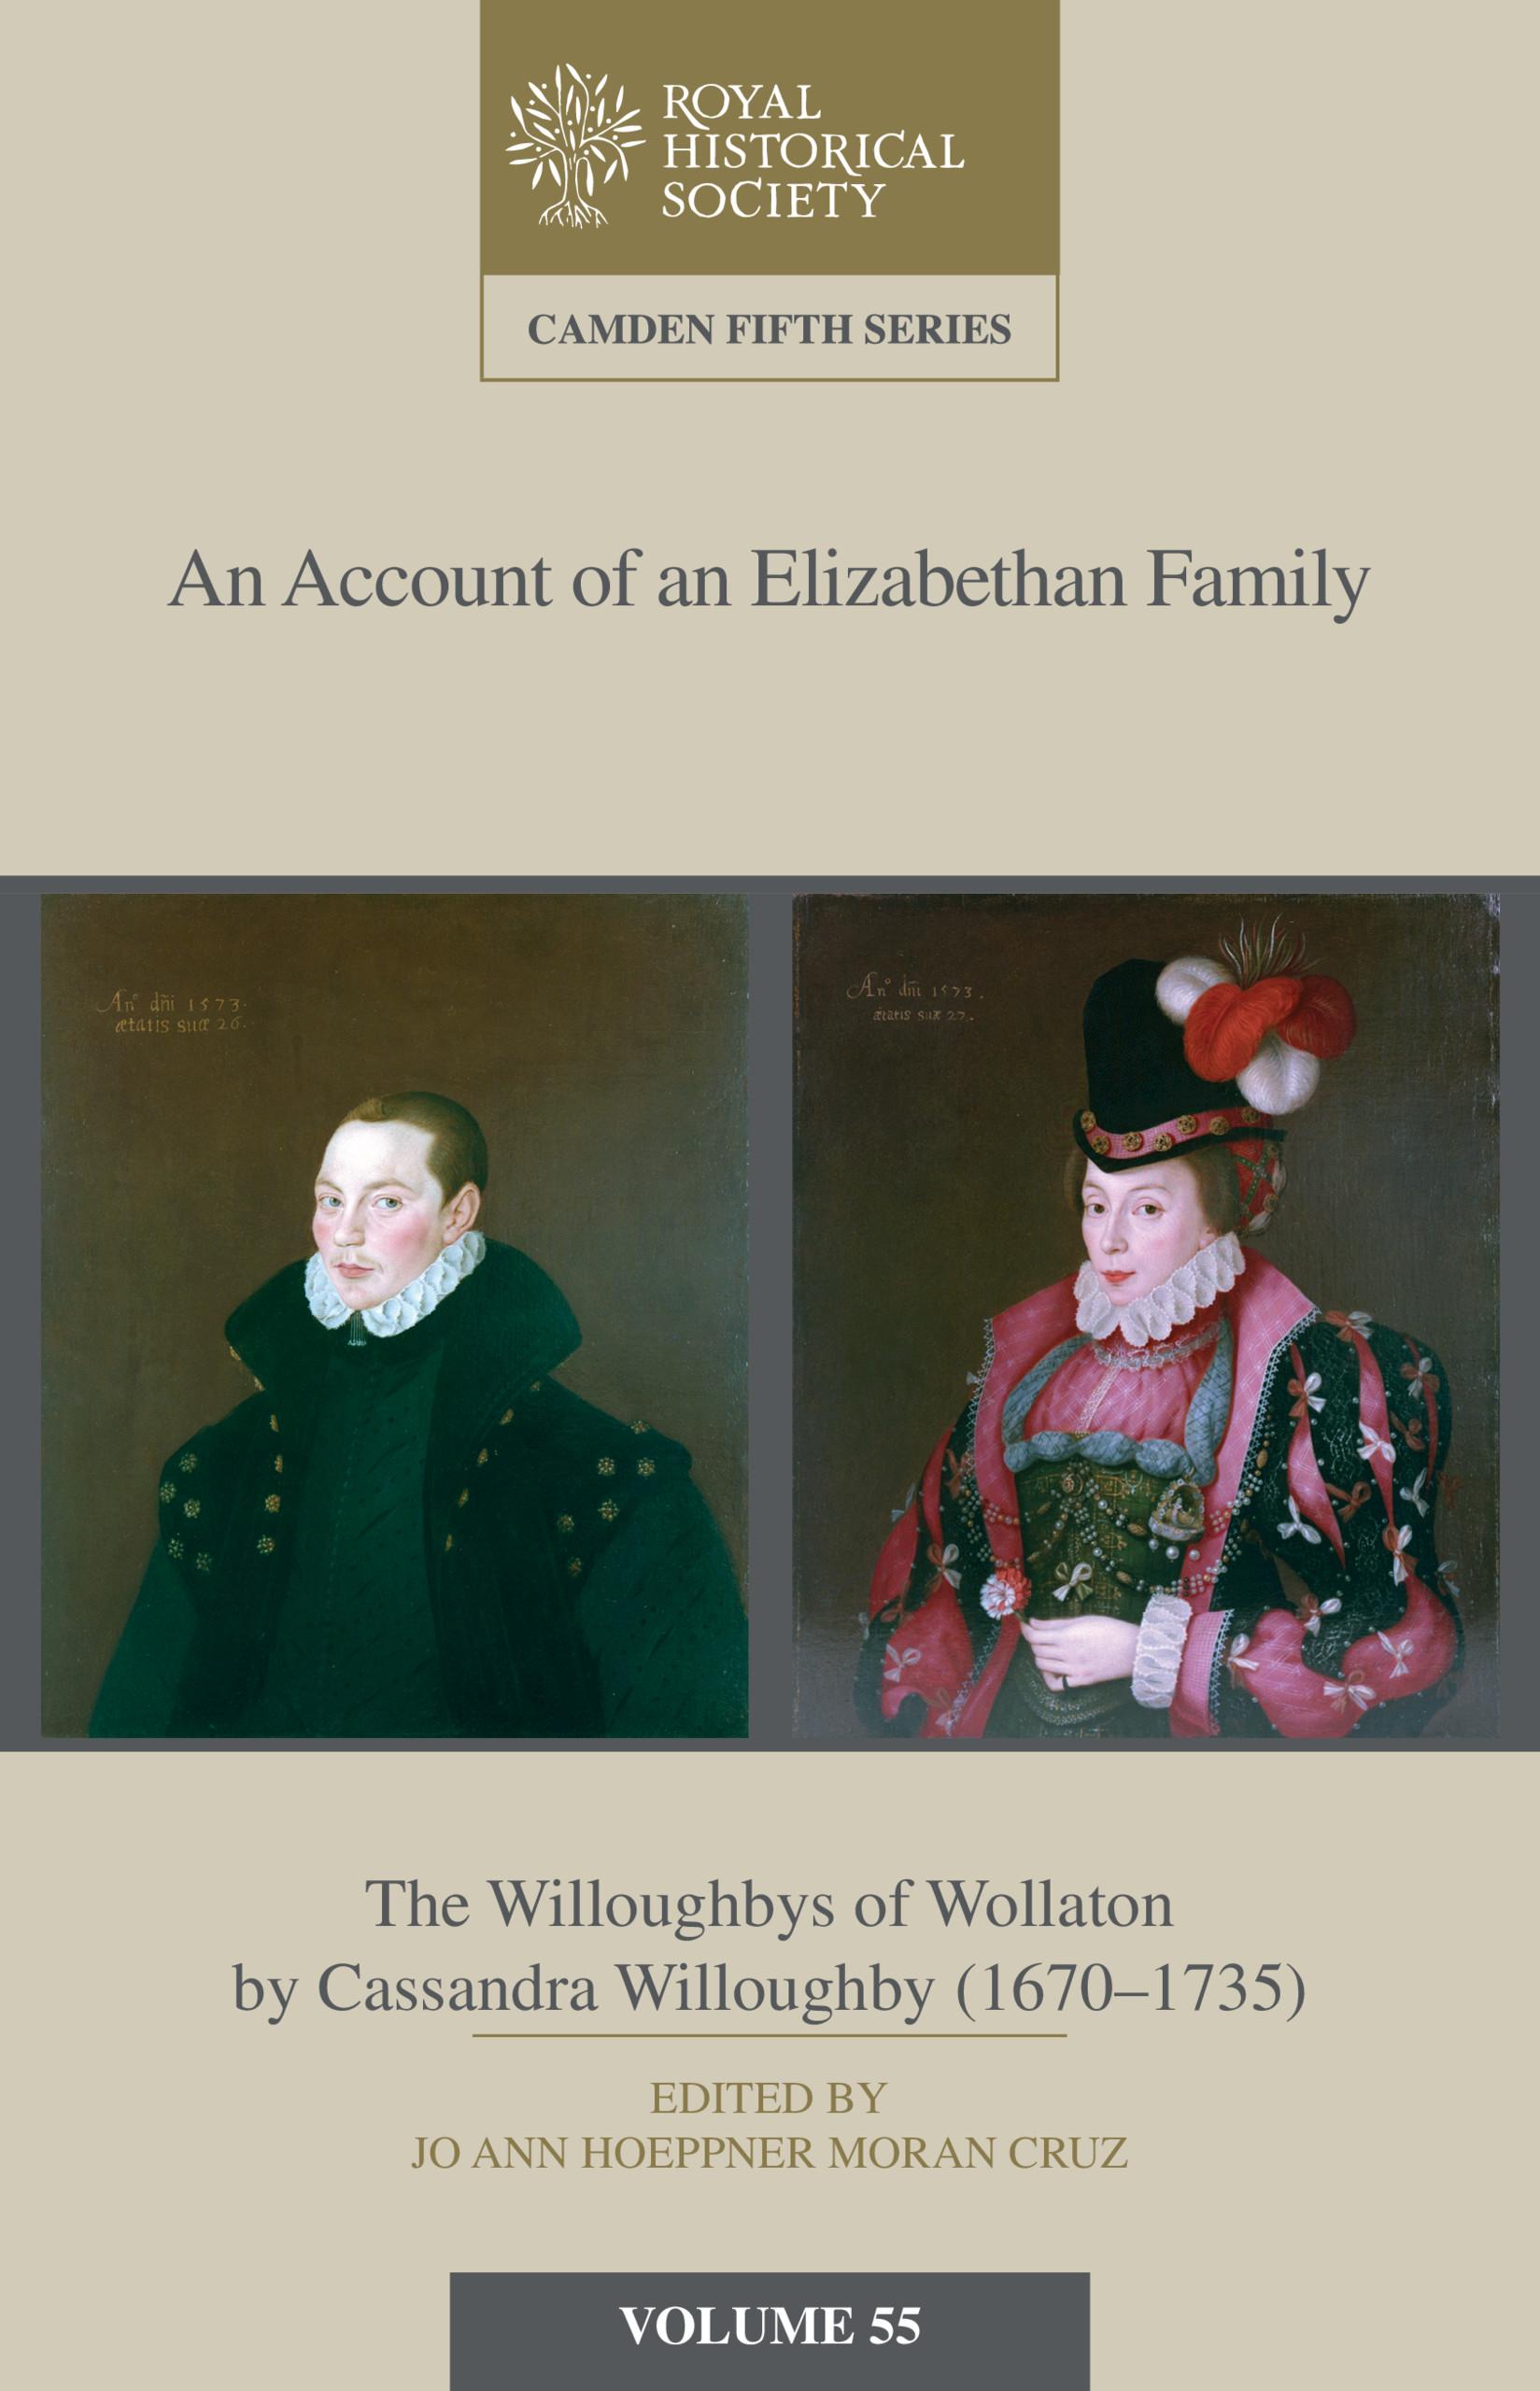 New Camden Volume on Elizabethan Family